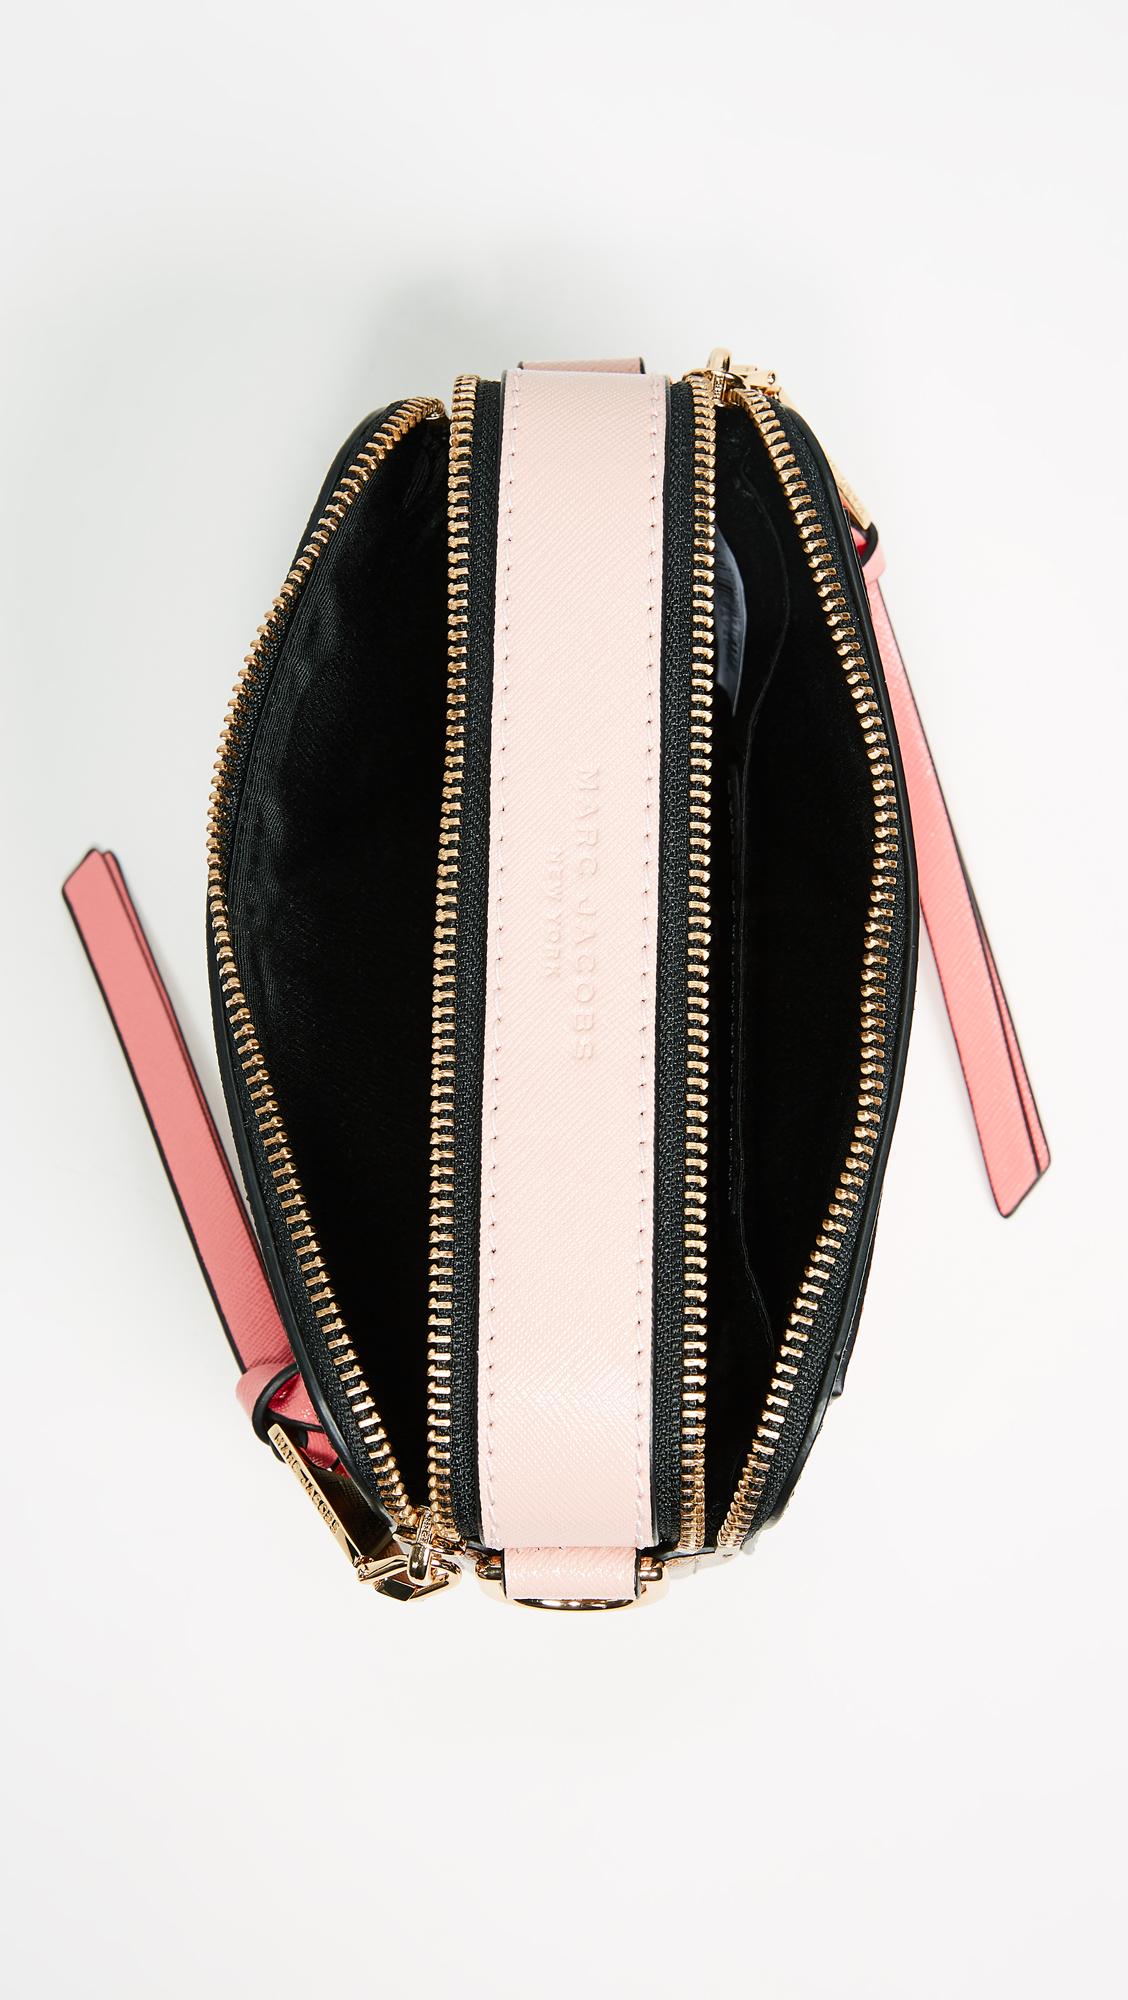 a0d2b3b9b1f18 Marc Jacobs Snapshot Camera Bag